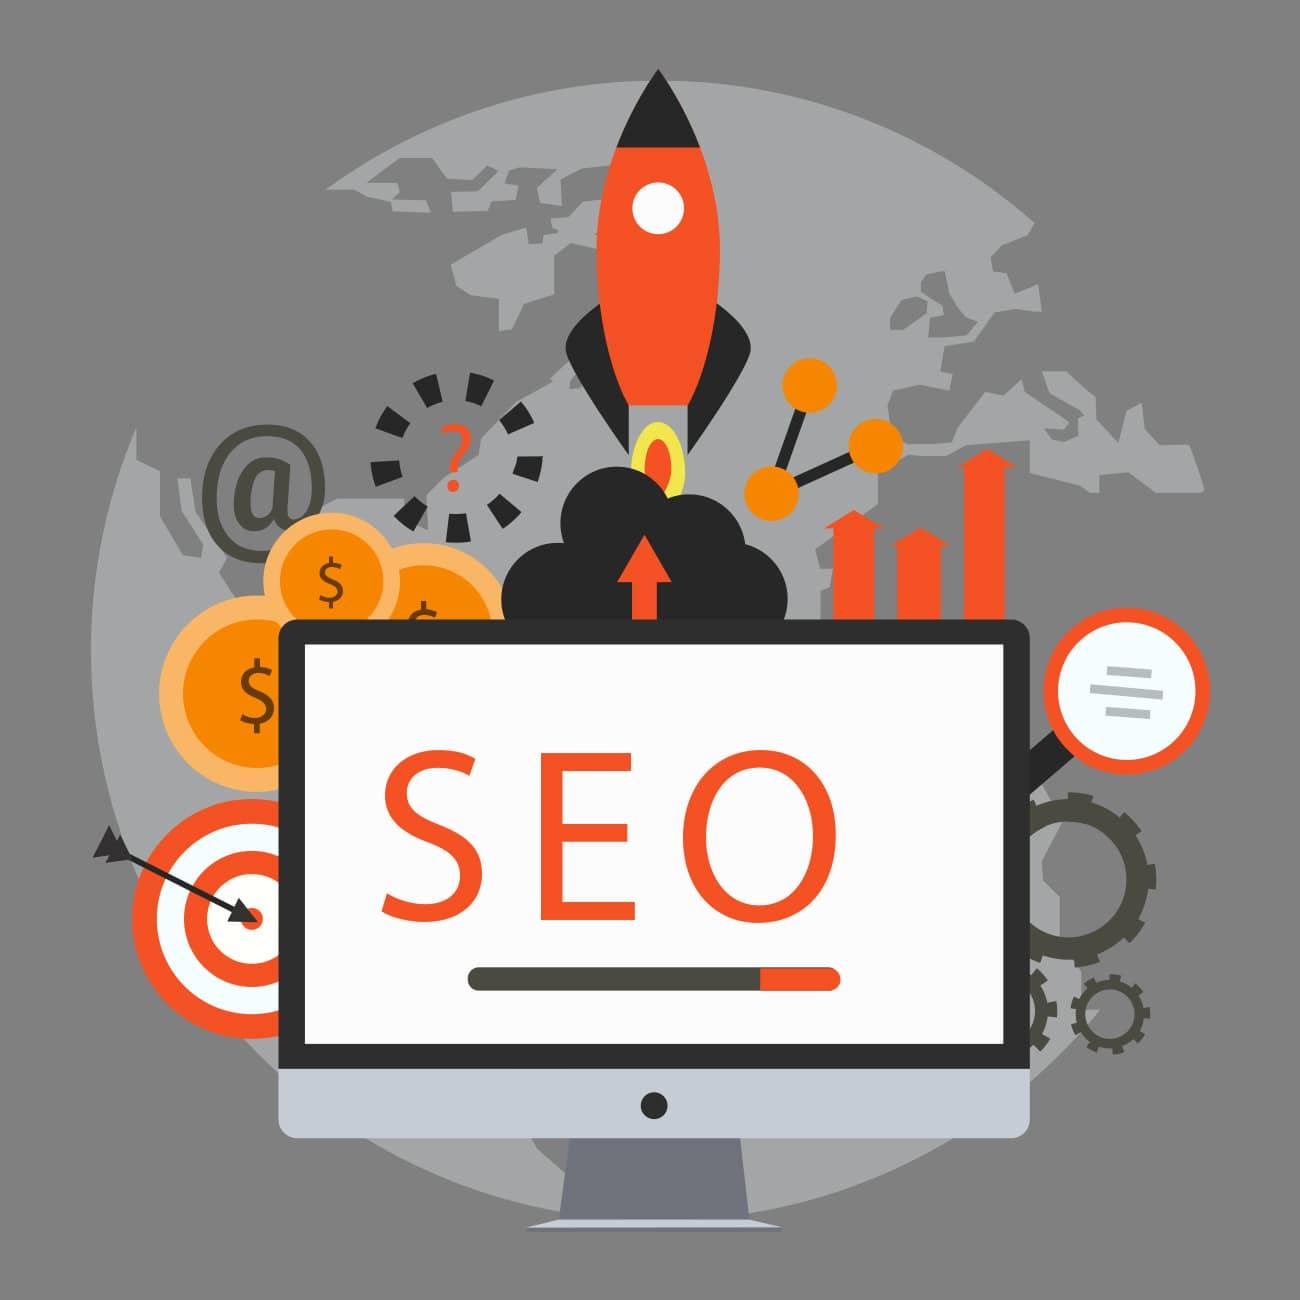 Il existe un grand nombre de techniques qui permettent à un site de bien se positionner sur les moteurs de recherches.